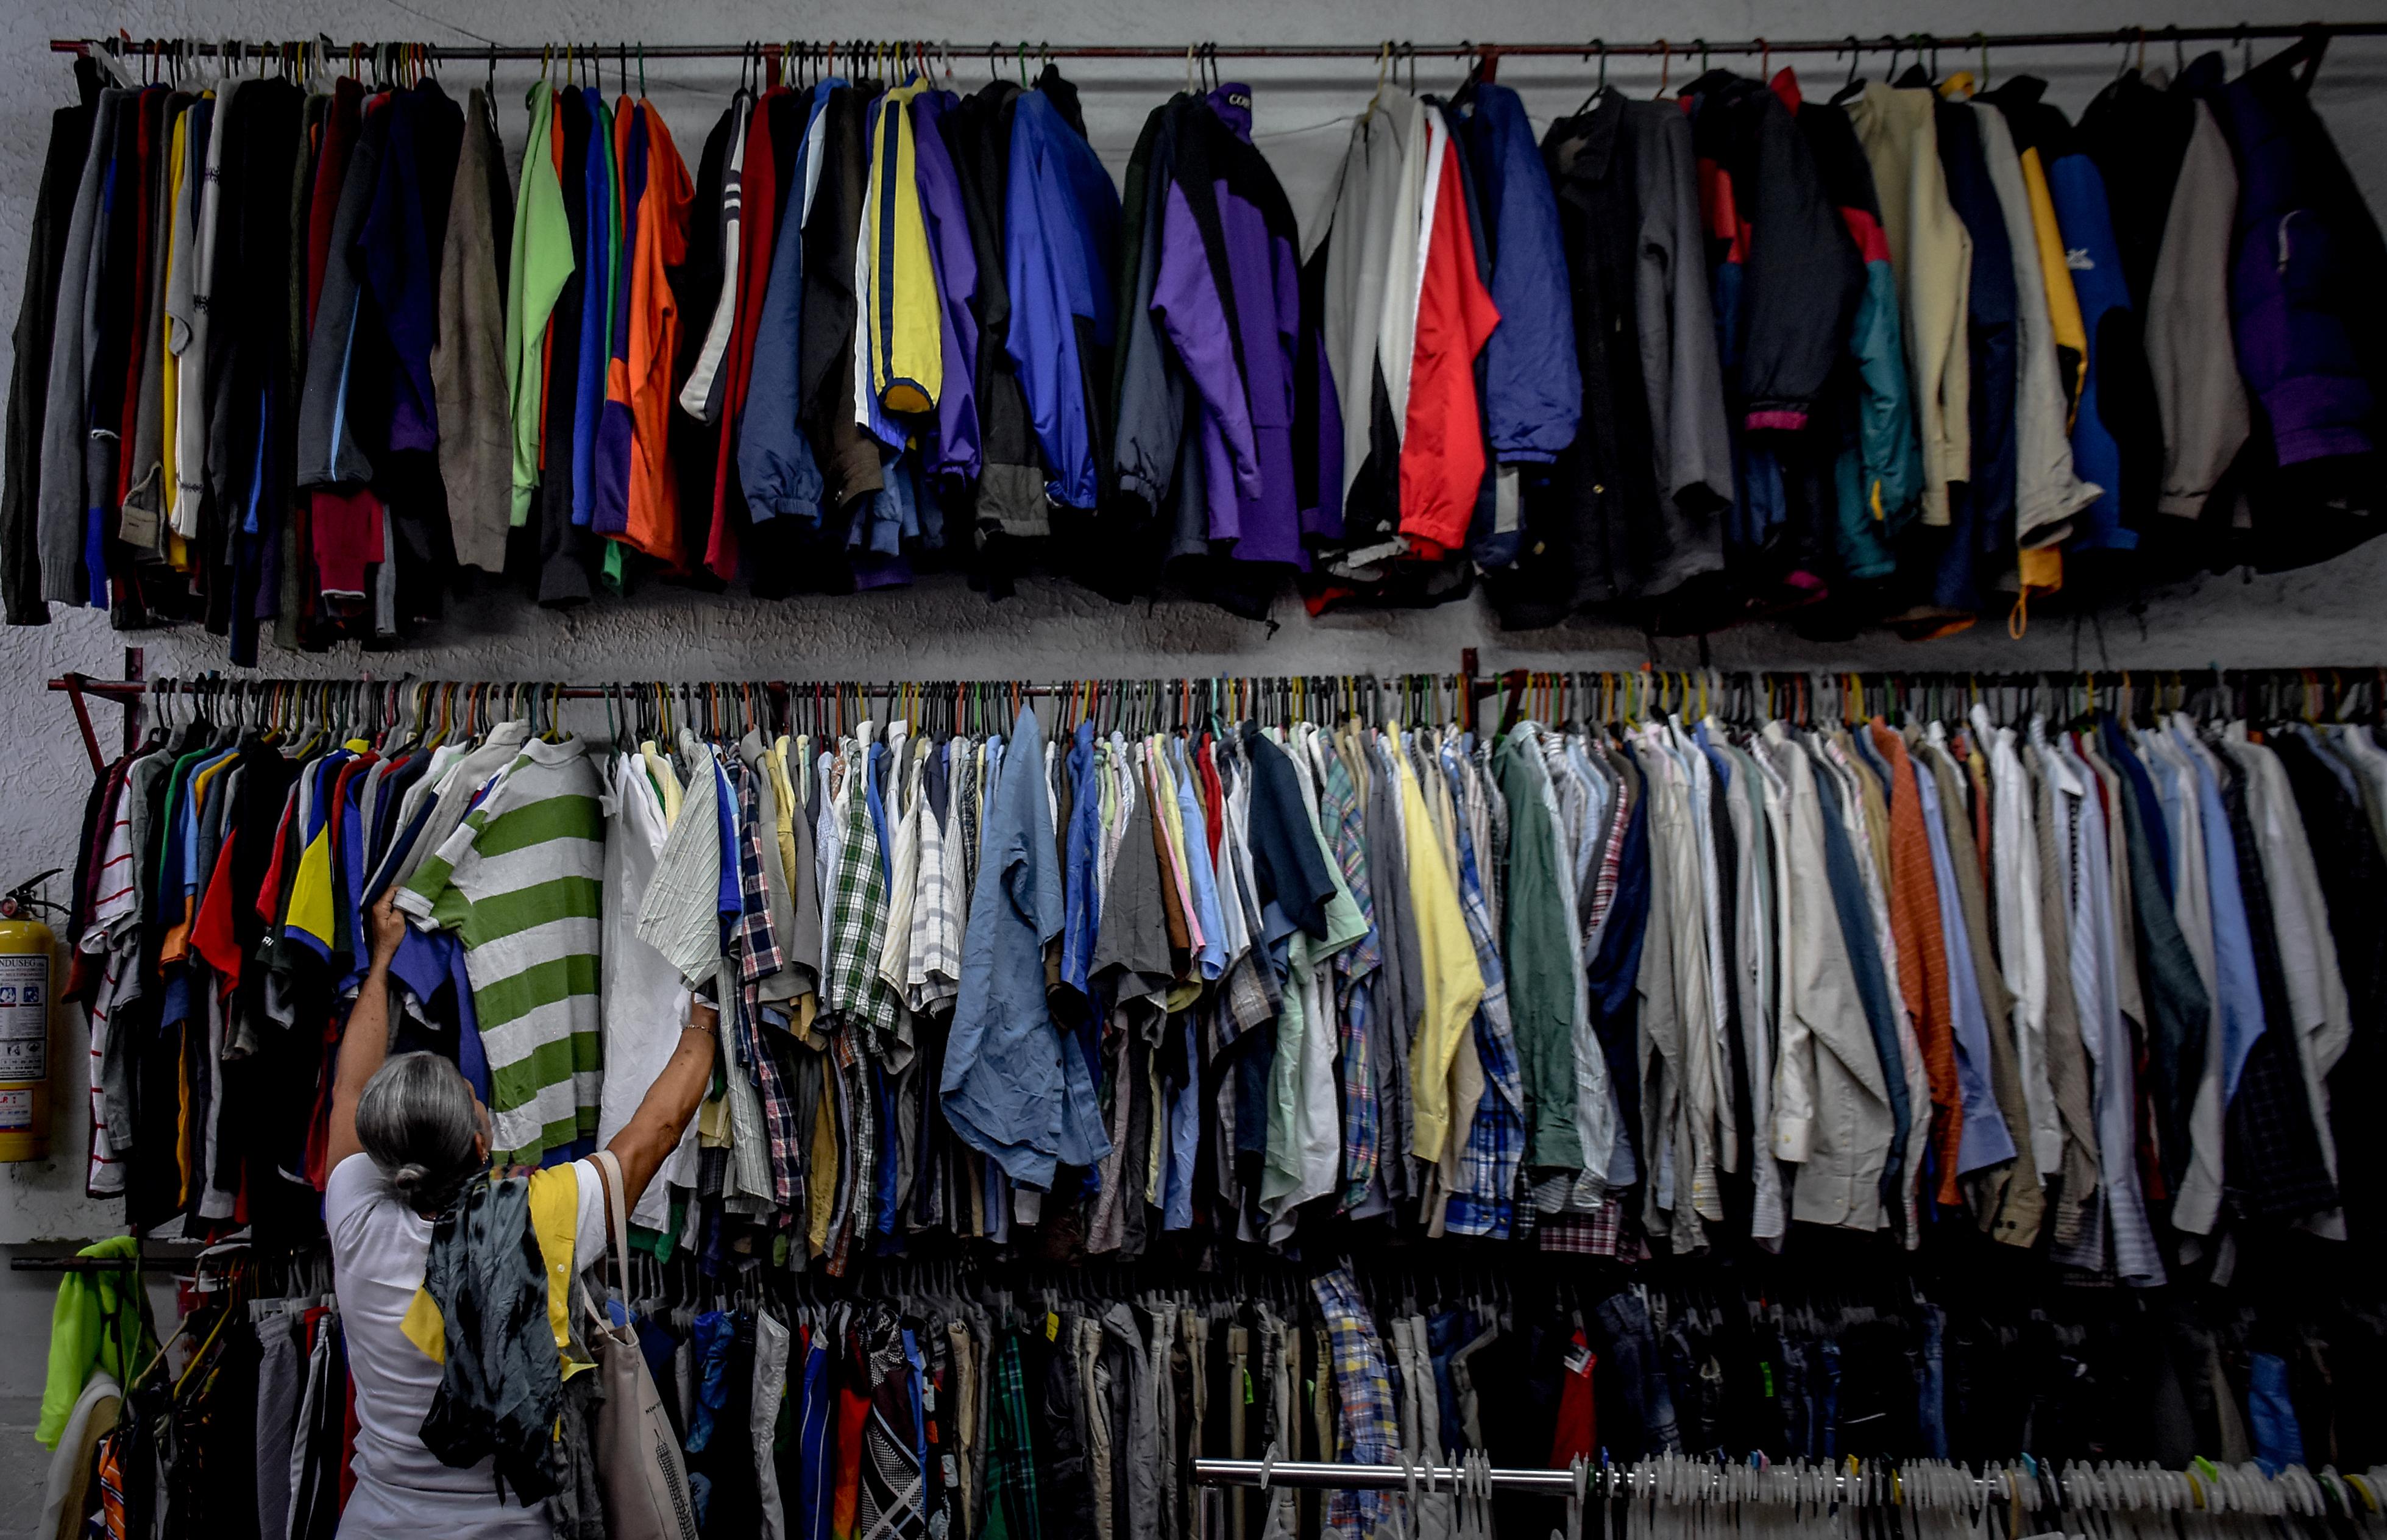 semana de la moda, descuentos, ropa, promociones